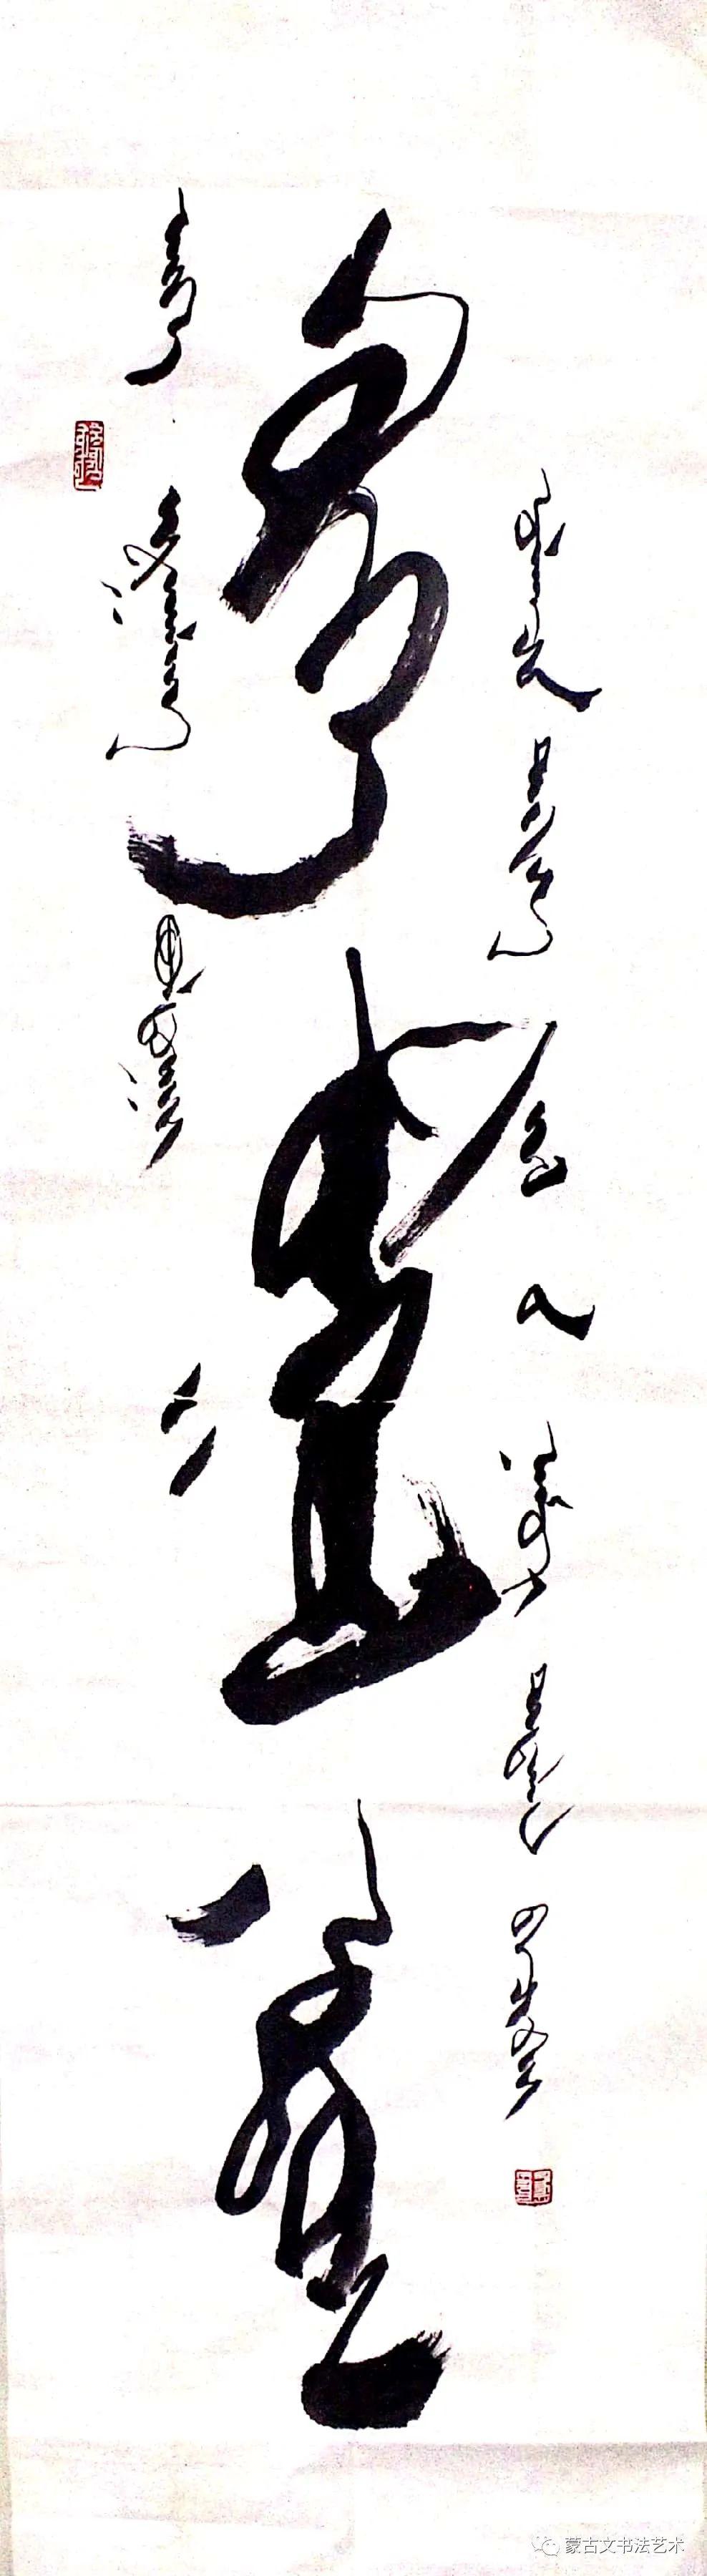 扎仁琴蒙古文书法 第23张